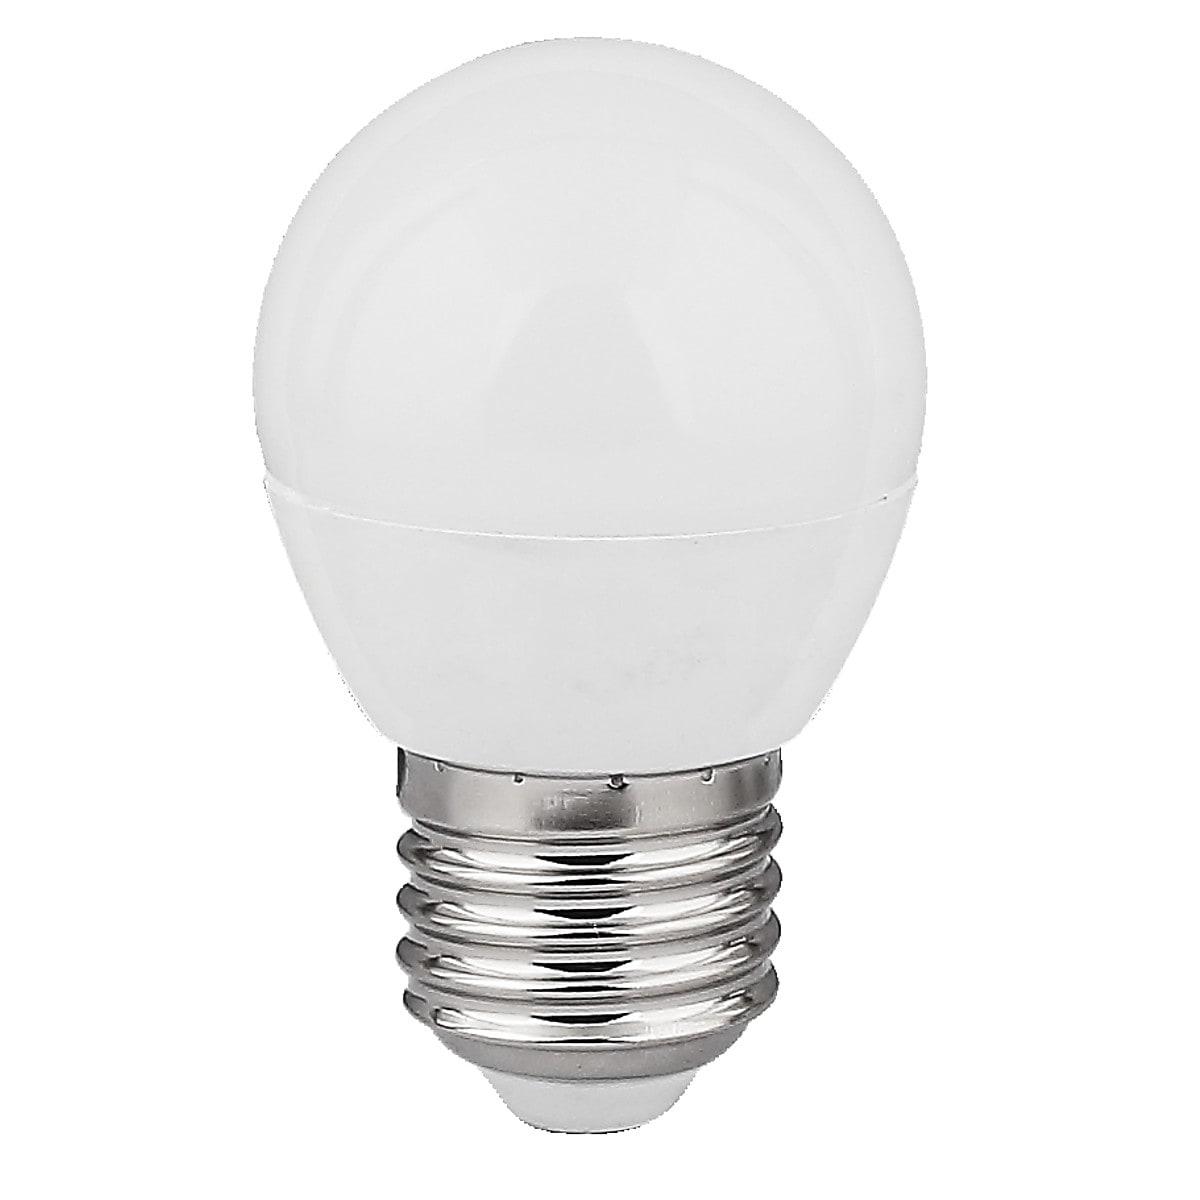 Dimringsbar klotlampa LED E27 V-light